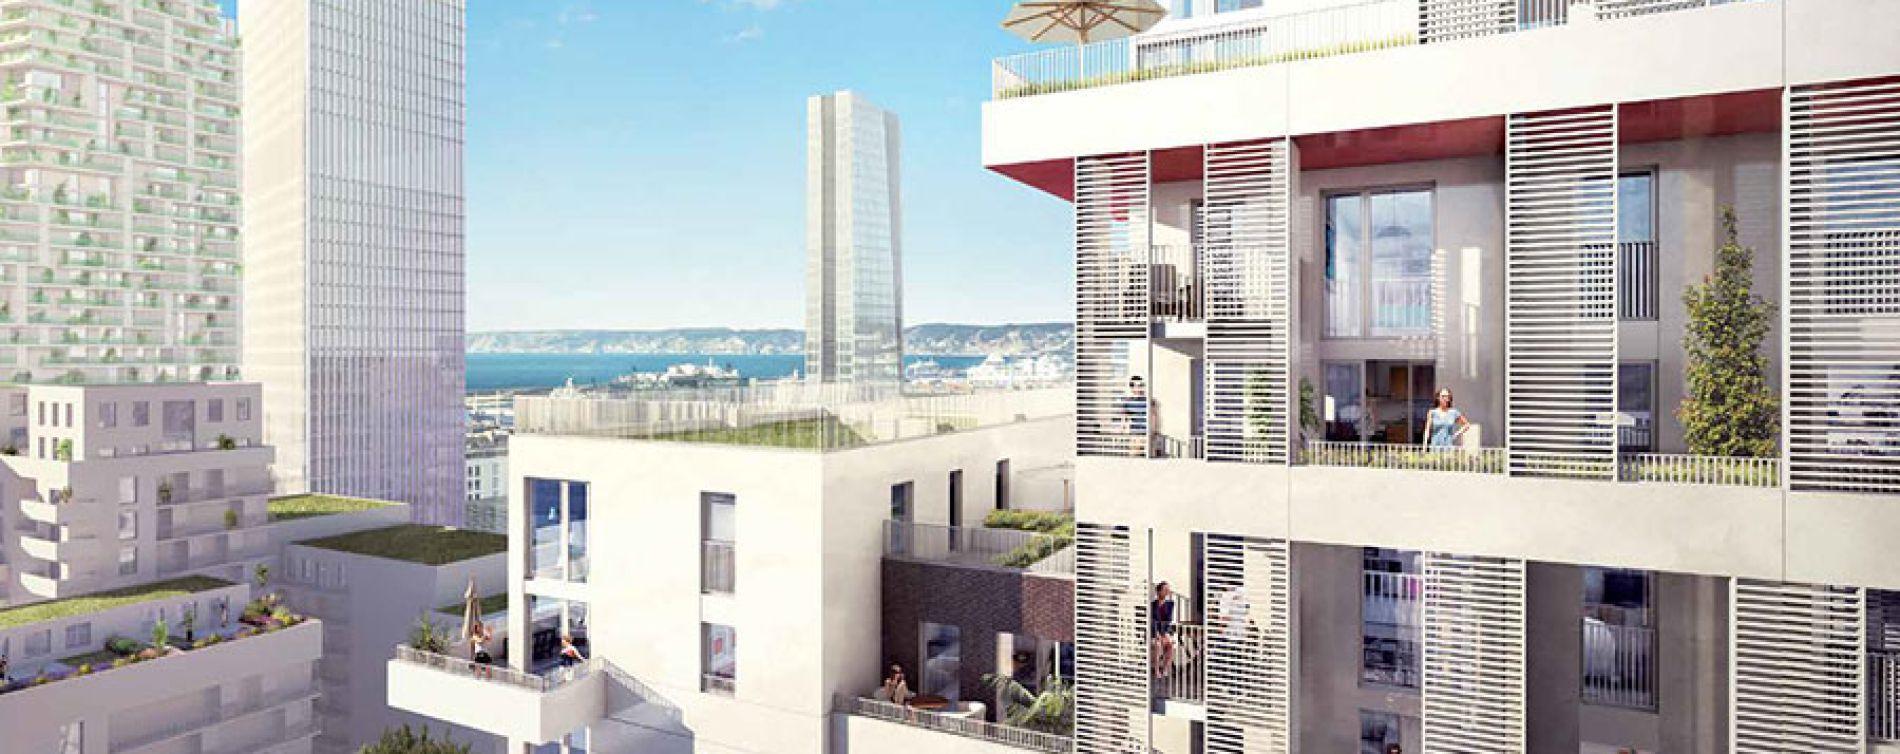 Résidence M-IM à Marseille